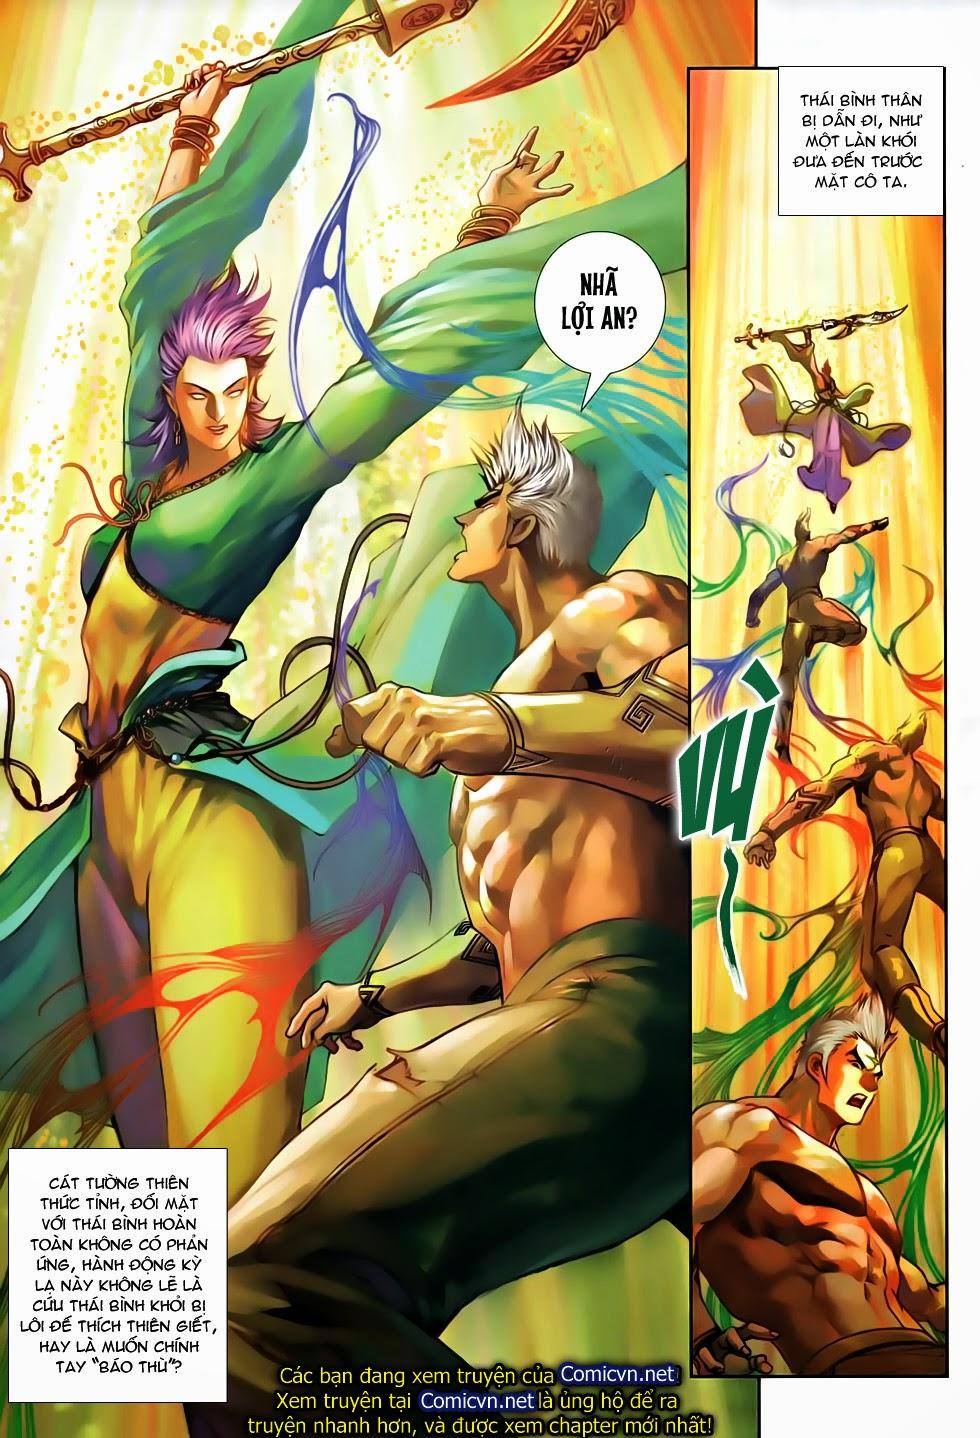 Thần Binh Tiền Truyện 2 chap 21 Trang 32 - Mangak.info